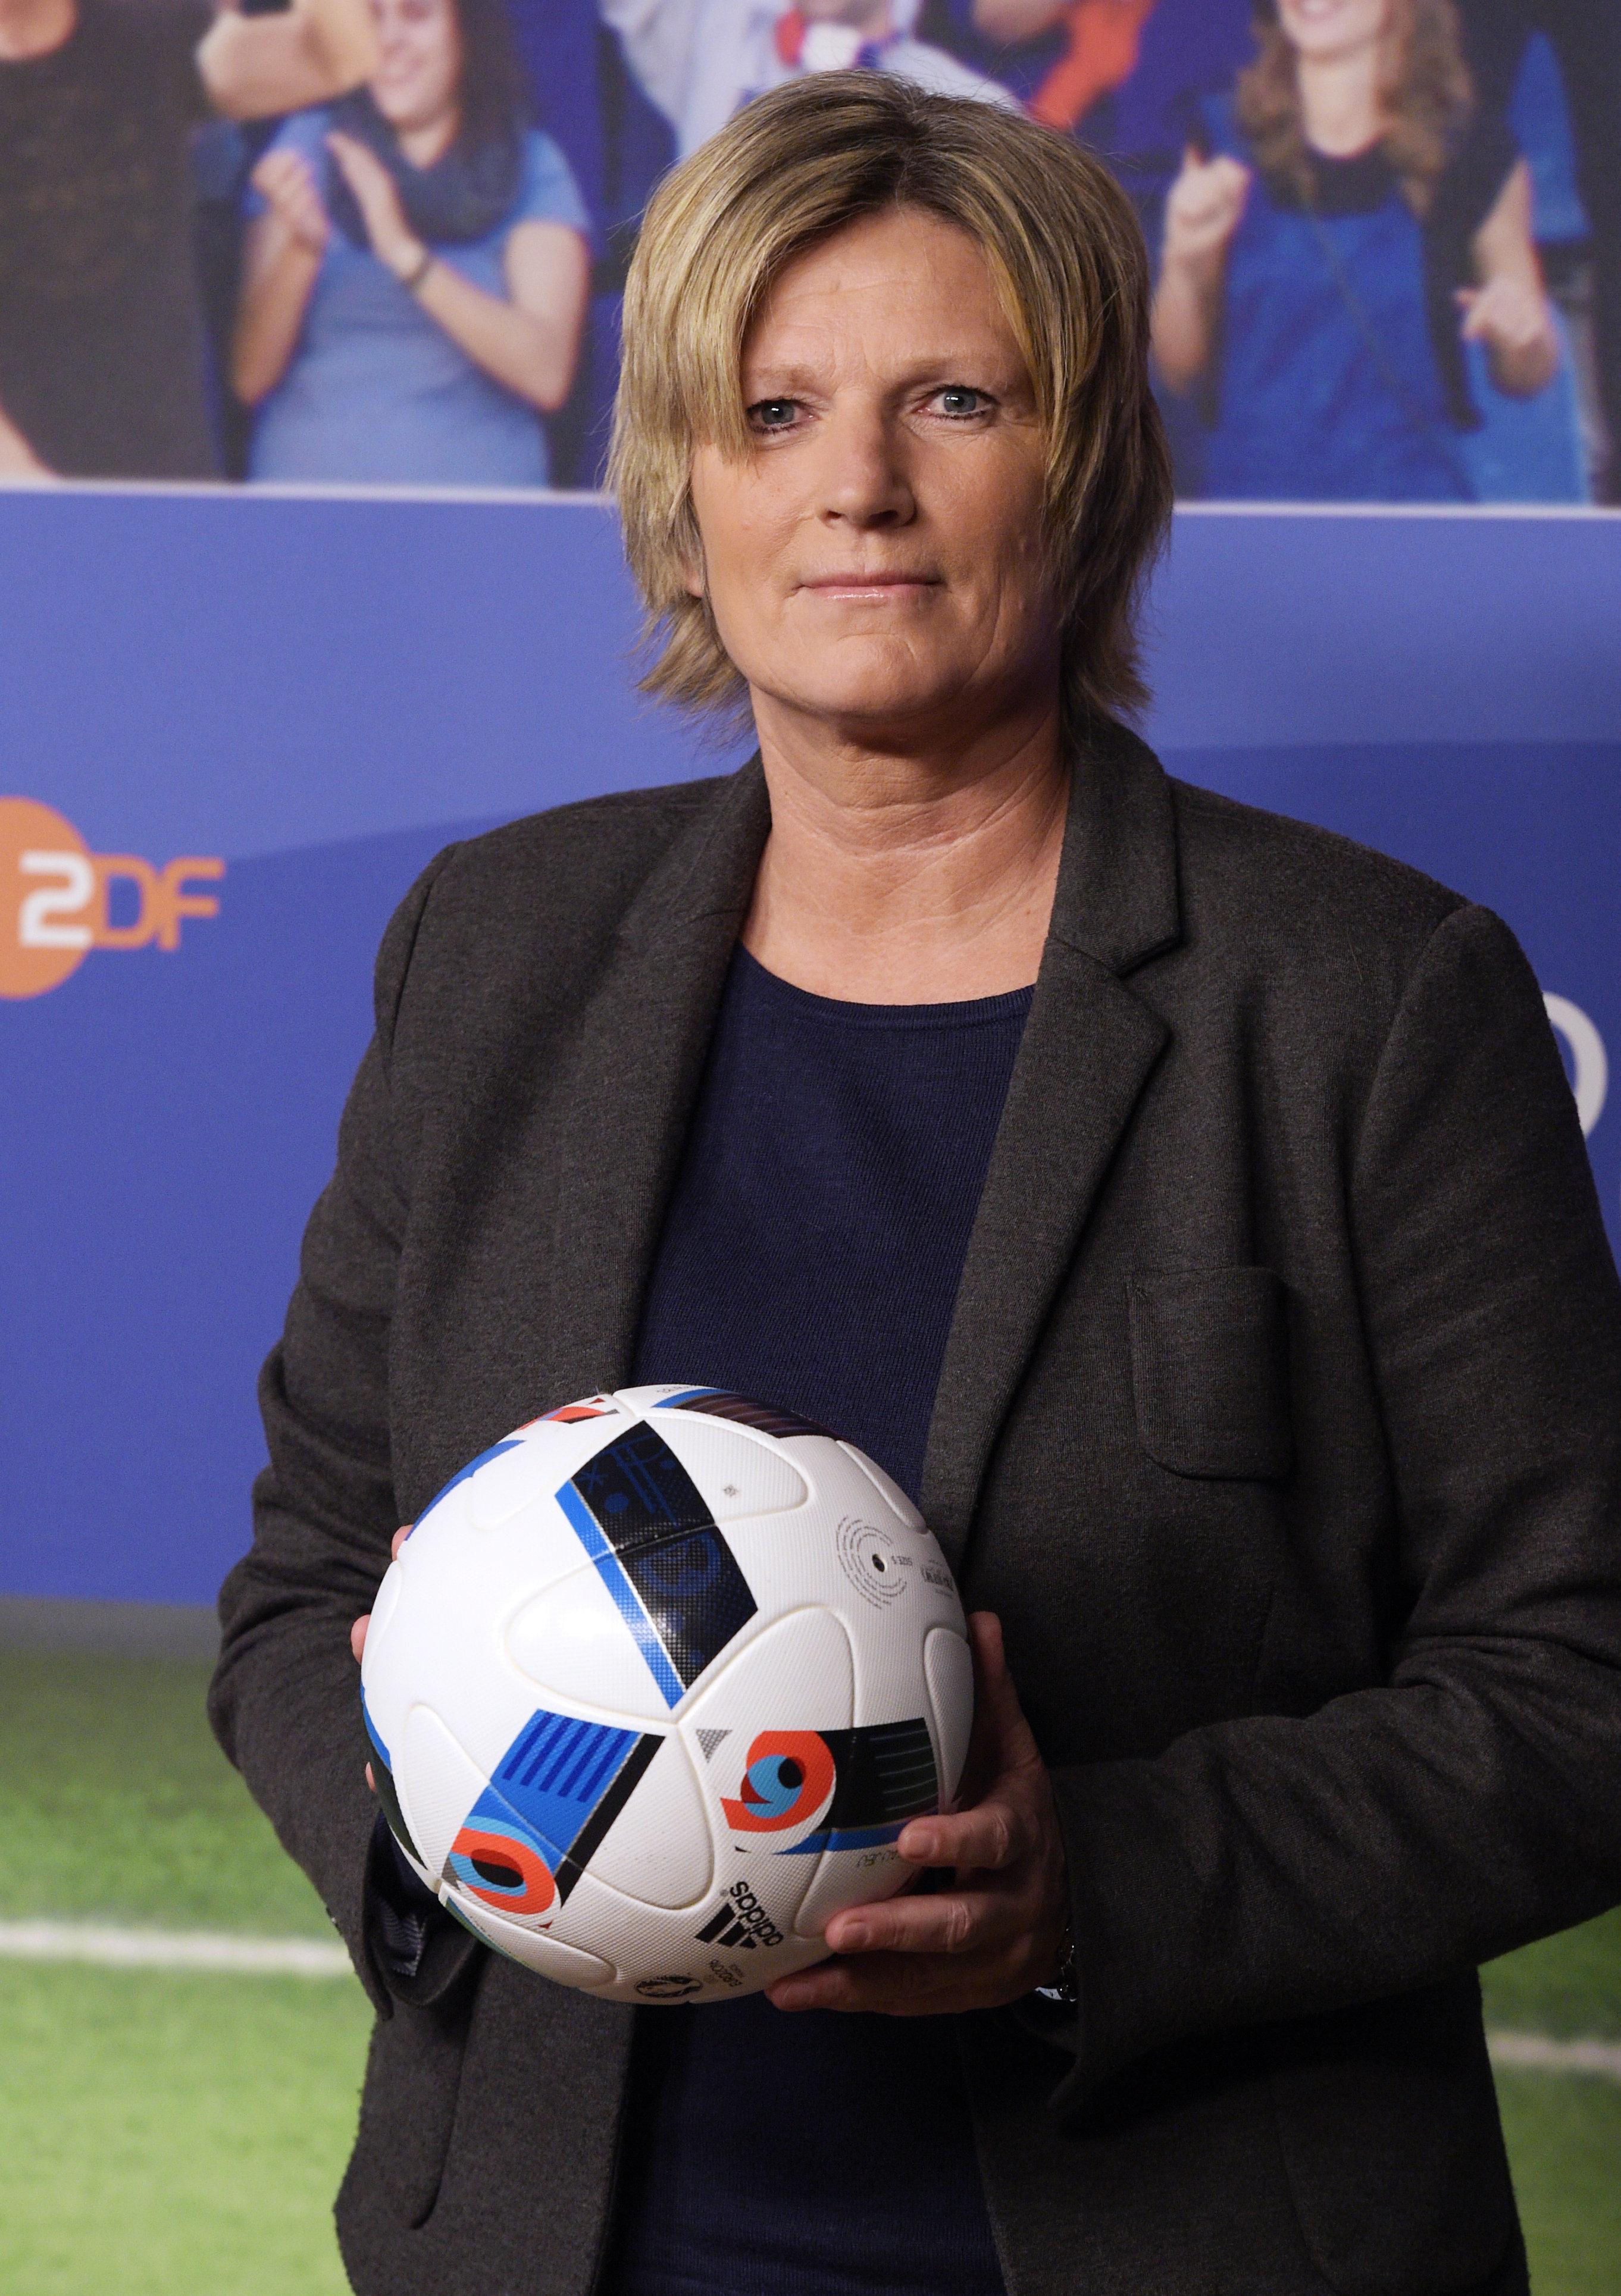 Fußball-WM: ZDF-Reporterin wird bepöbelt – Sportchef rastet aus